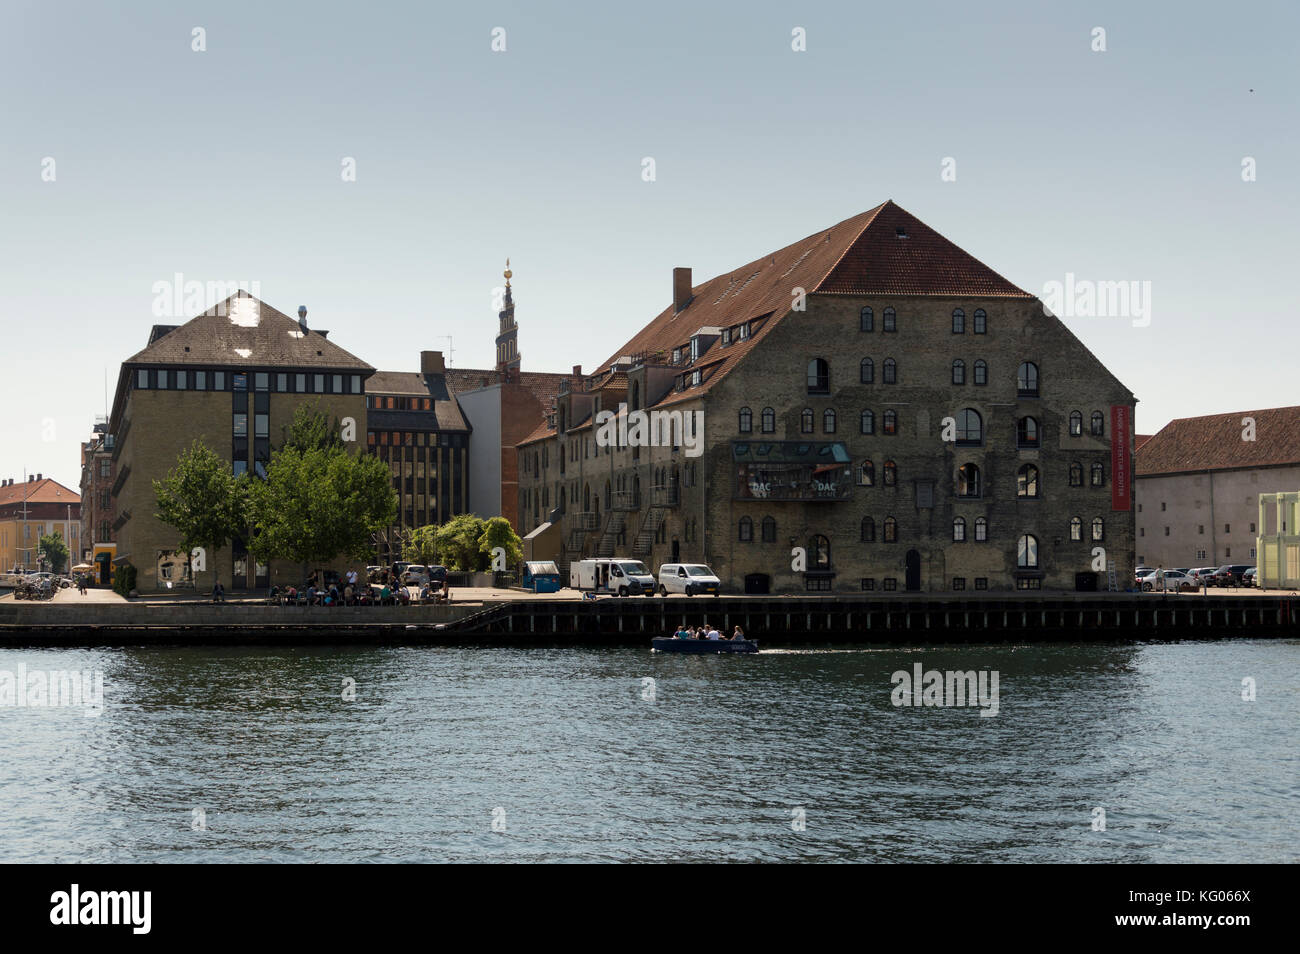 Danish Architecture Centre Copenaghen Denmark - Stock Image